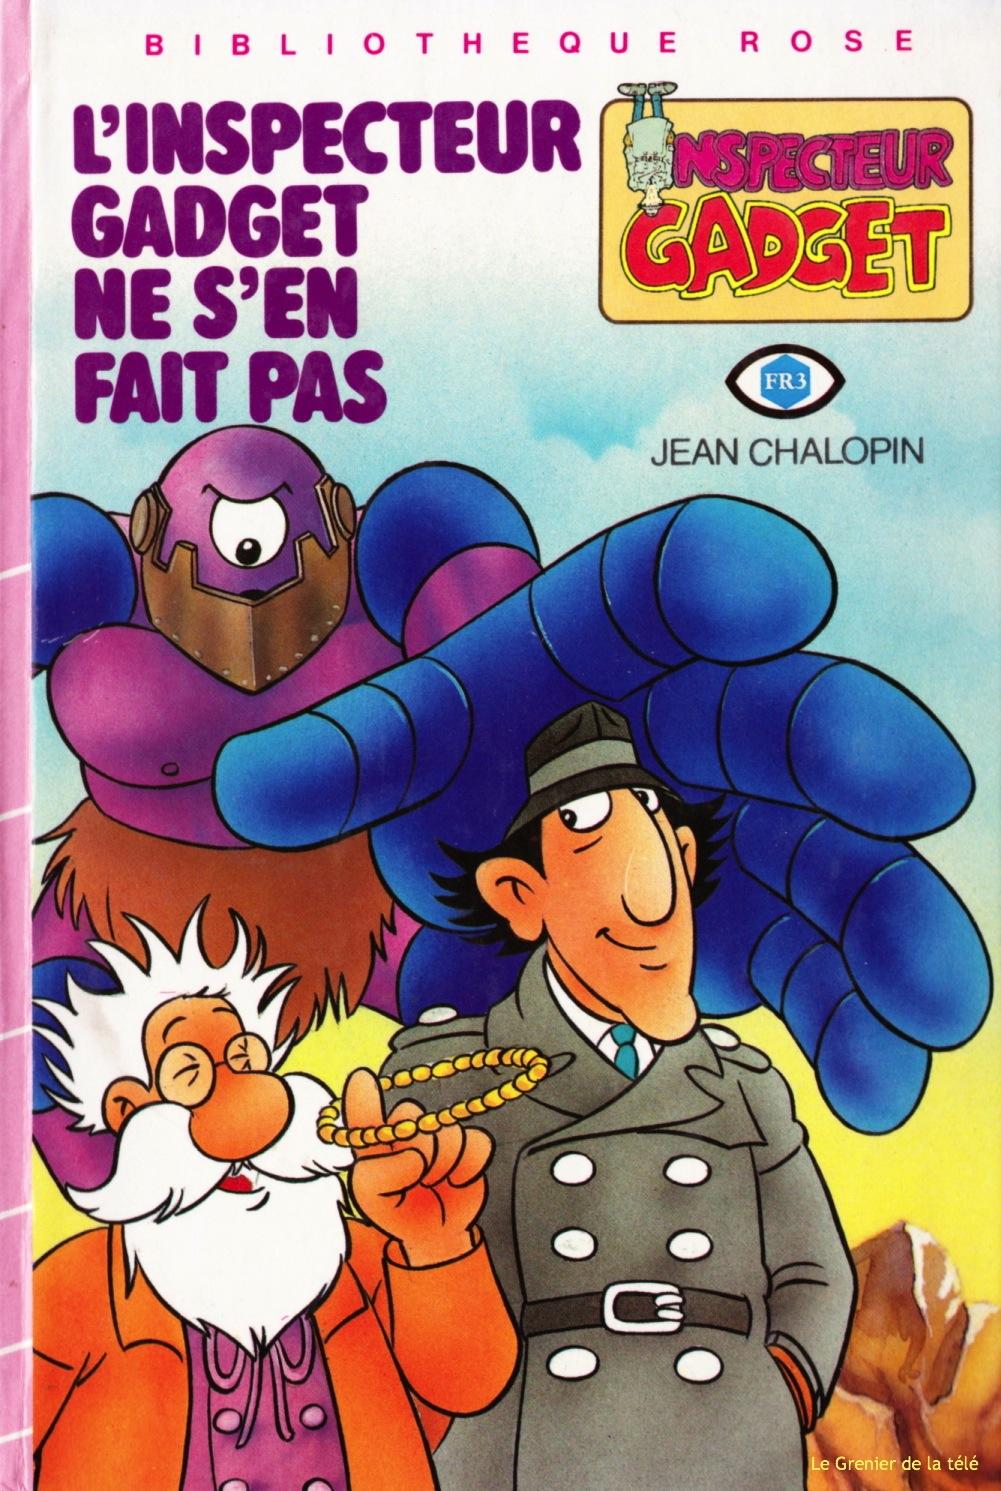 http://grenierdelatv.free.fr/2/inspecteurgadgetnesenfaitpas01.jpg